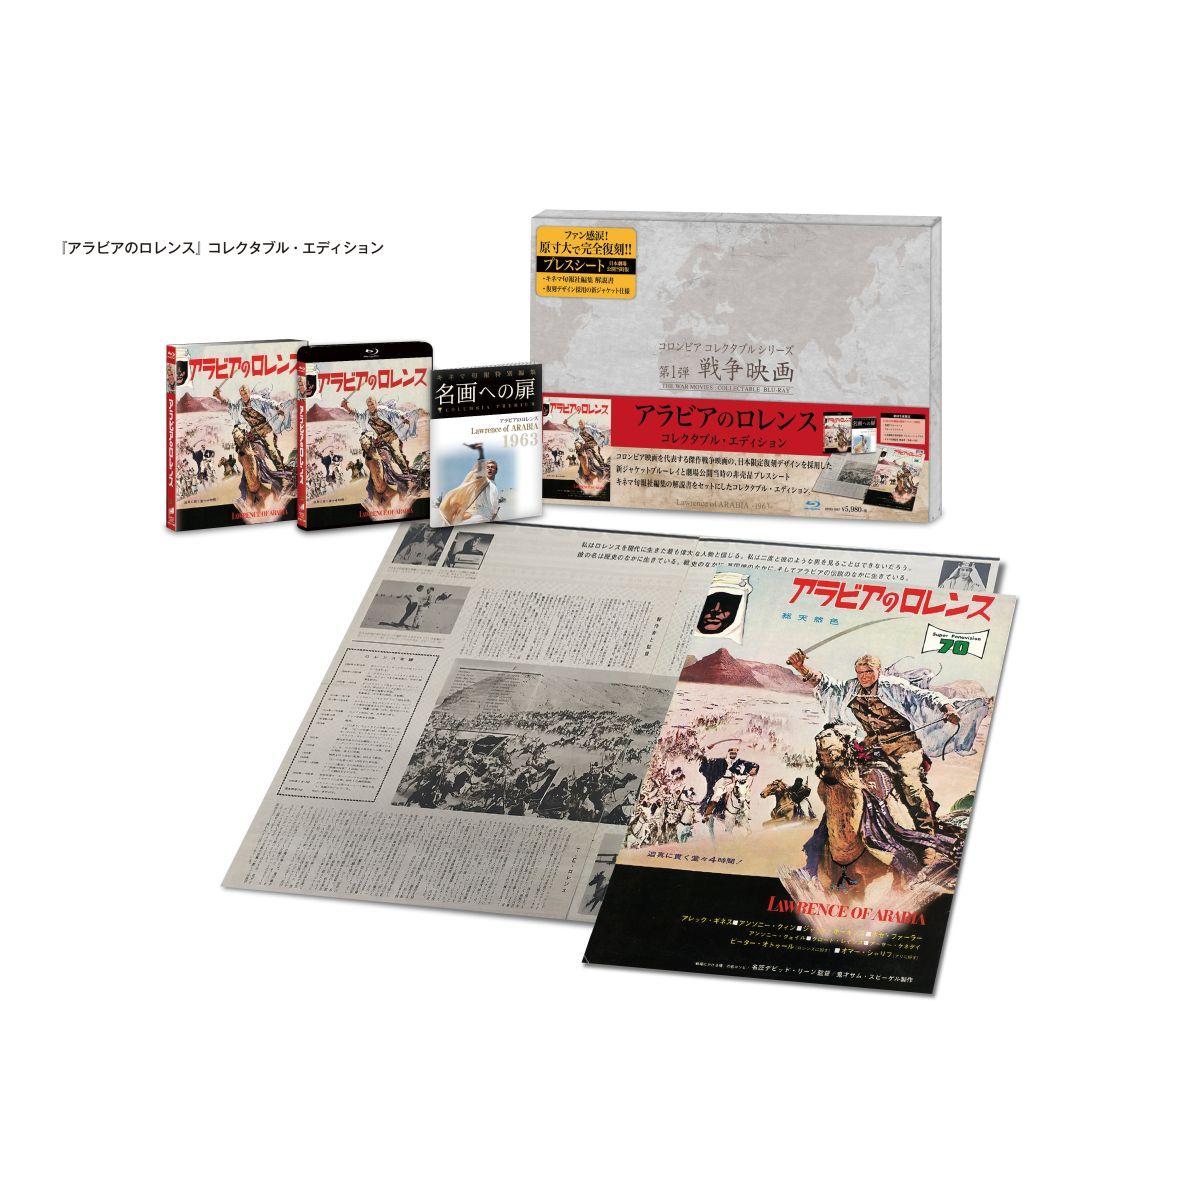 アラビアのロレンス コレクタブル・エディション【初回生産限定】[BPBH-1087][Blu-ray/ブルーレイ] 製品画像